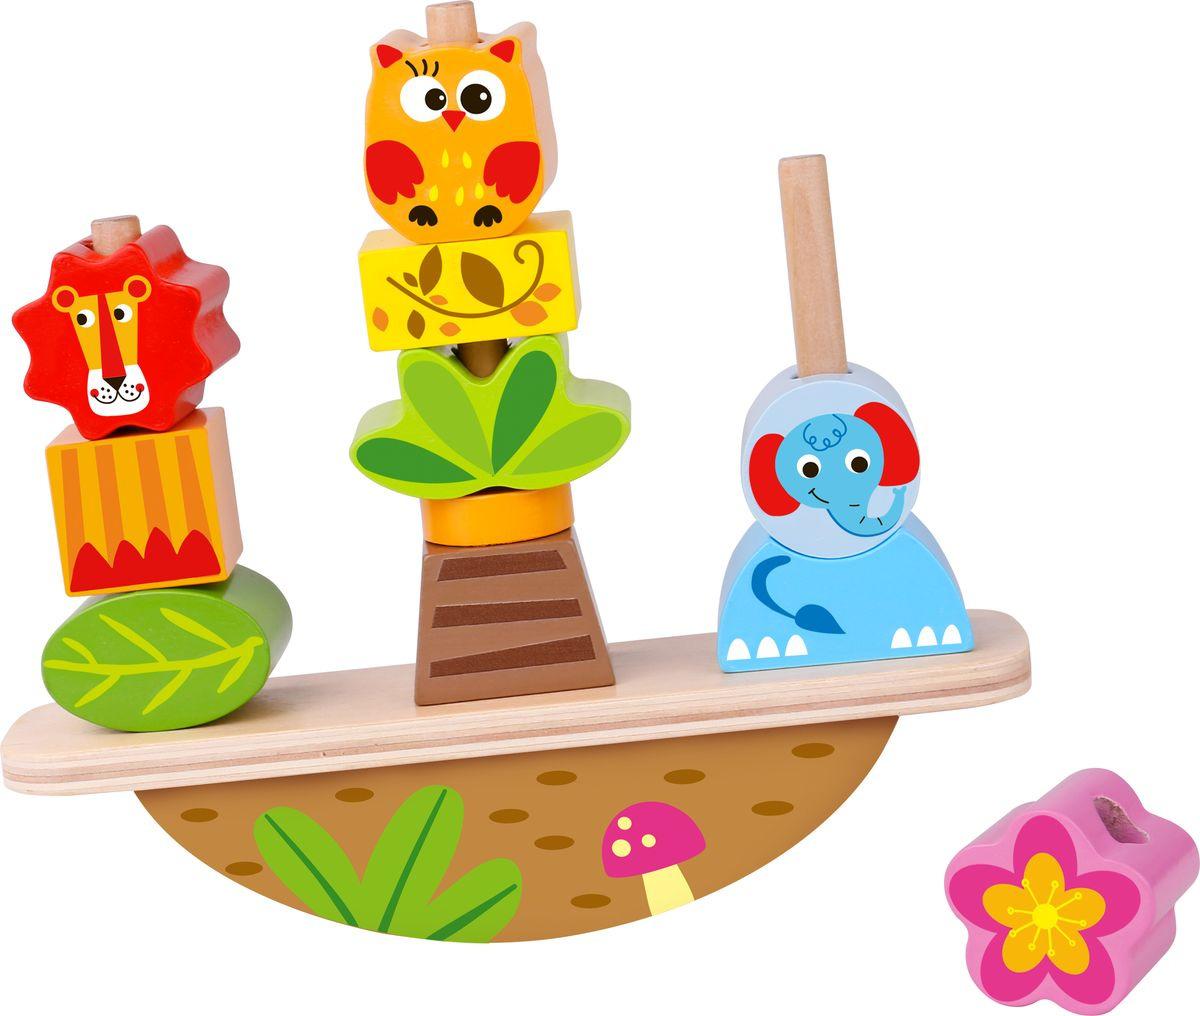 Развивающая игрушка Tooky Toy Баланс Животные TY278